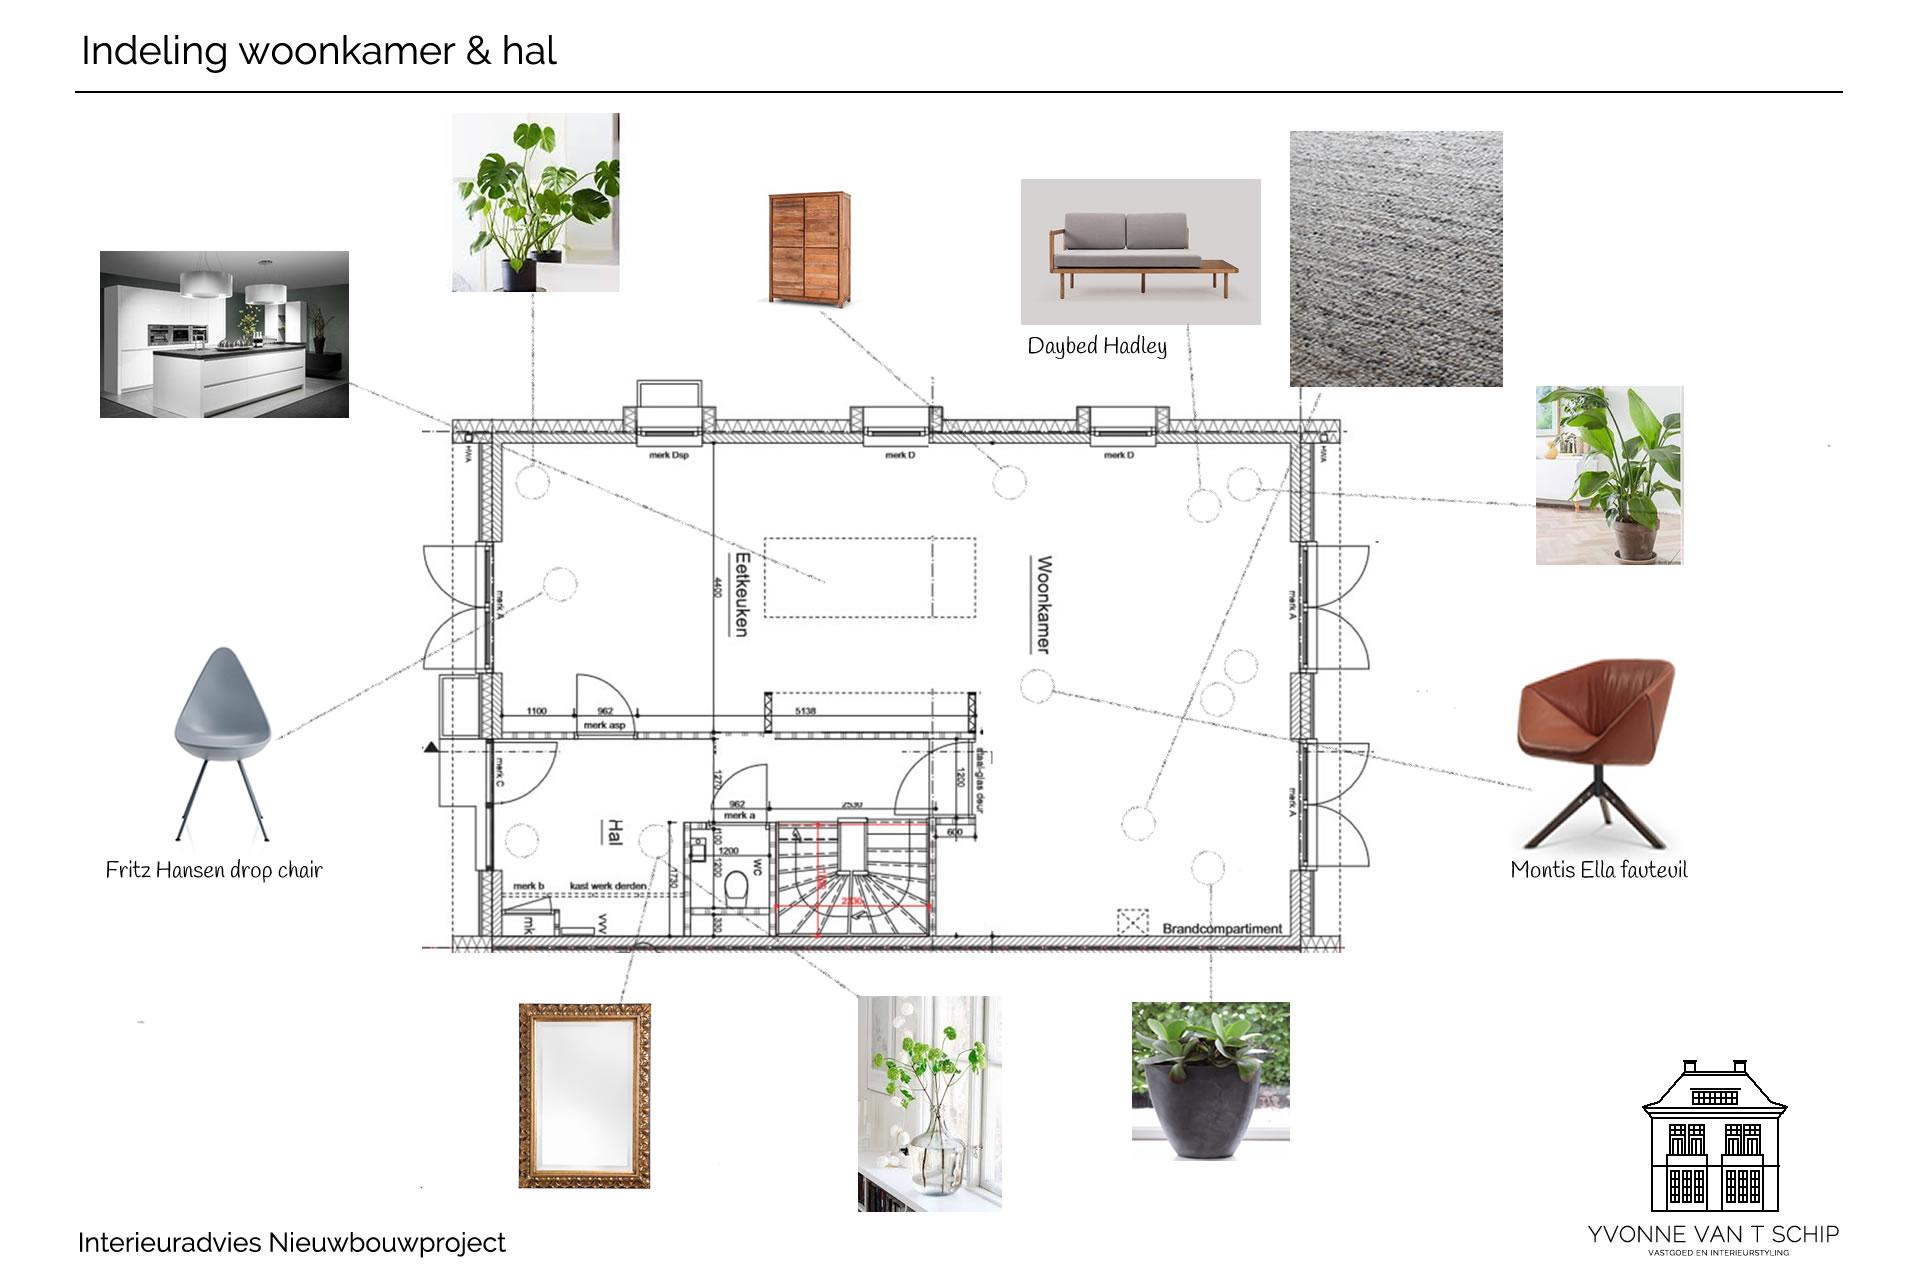 Indeling woonkamer en hal